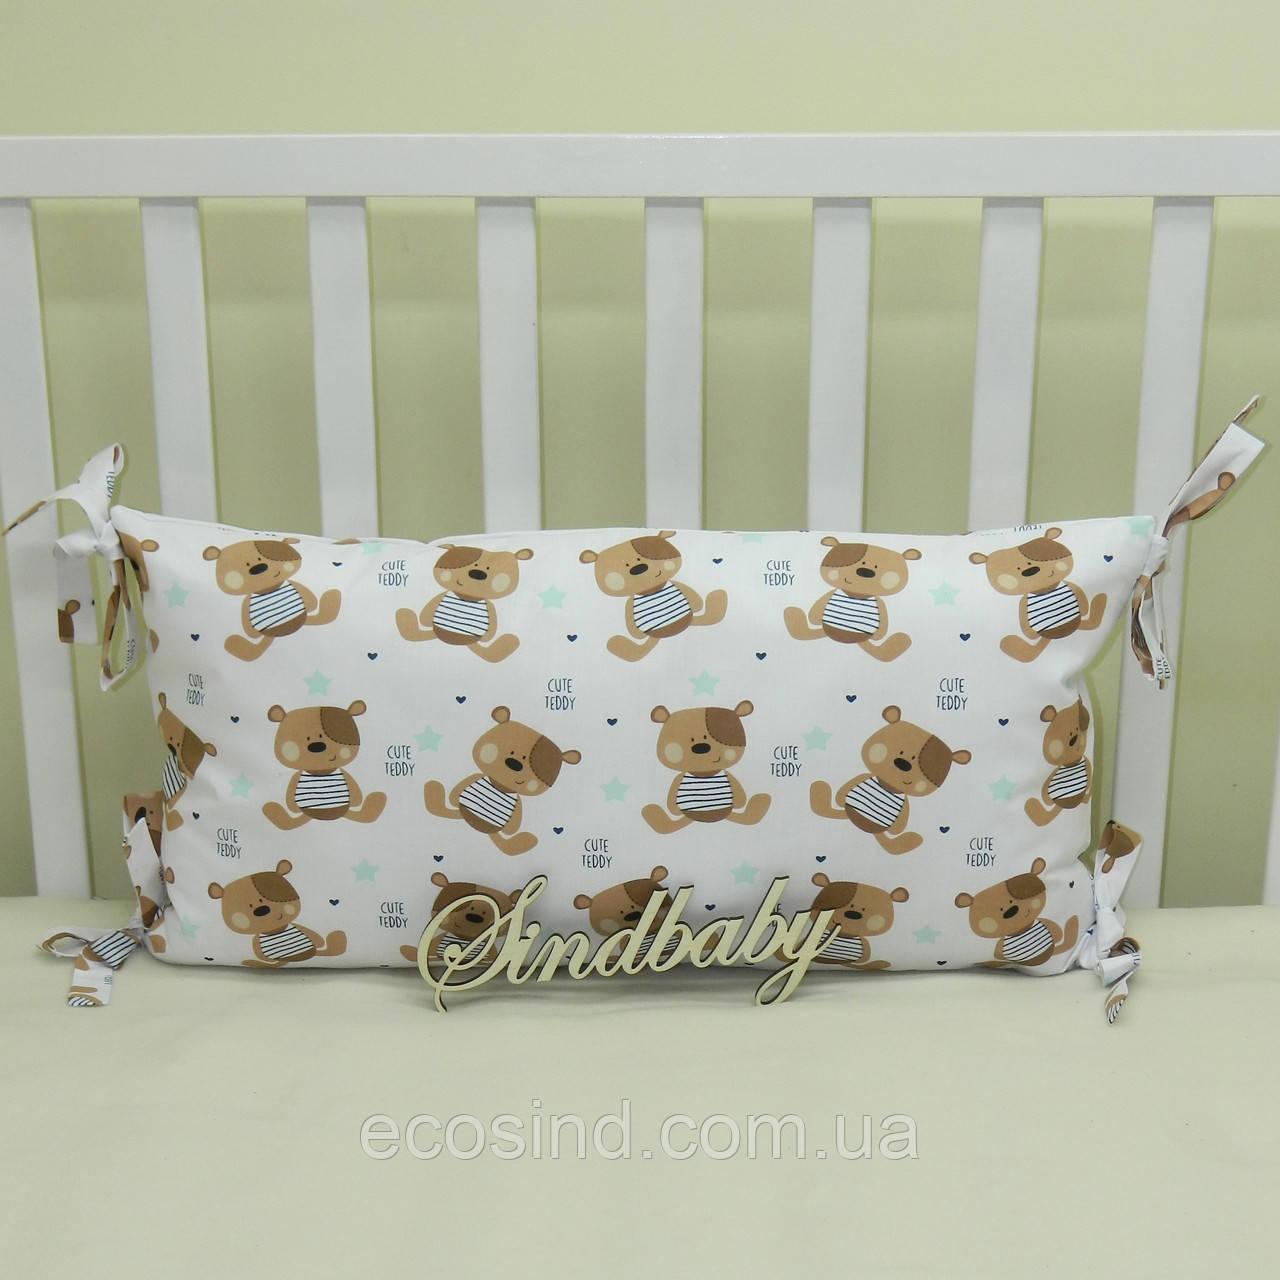 Бортики подушки в кроватку, Подушка 30х60 -16